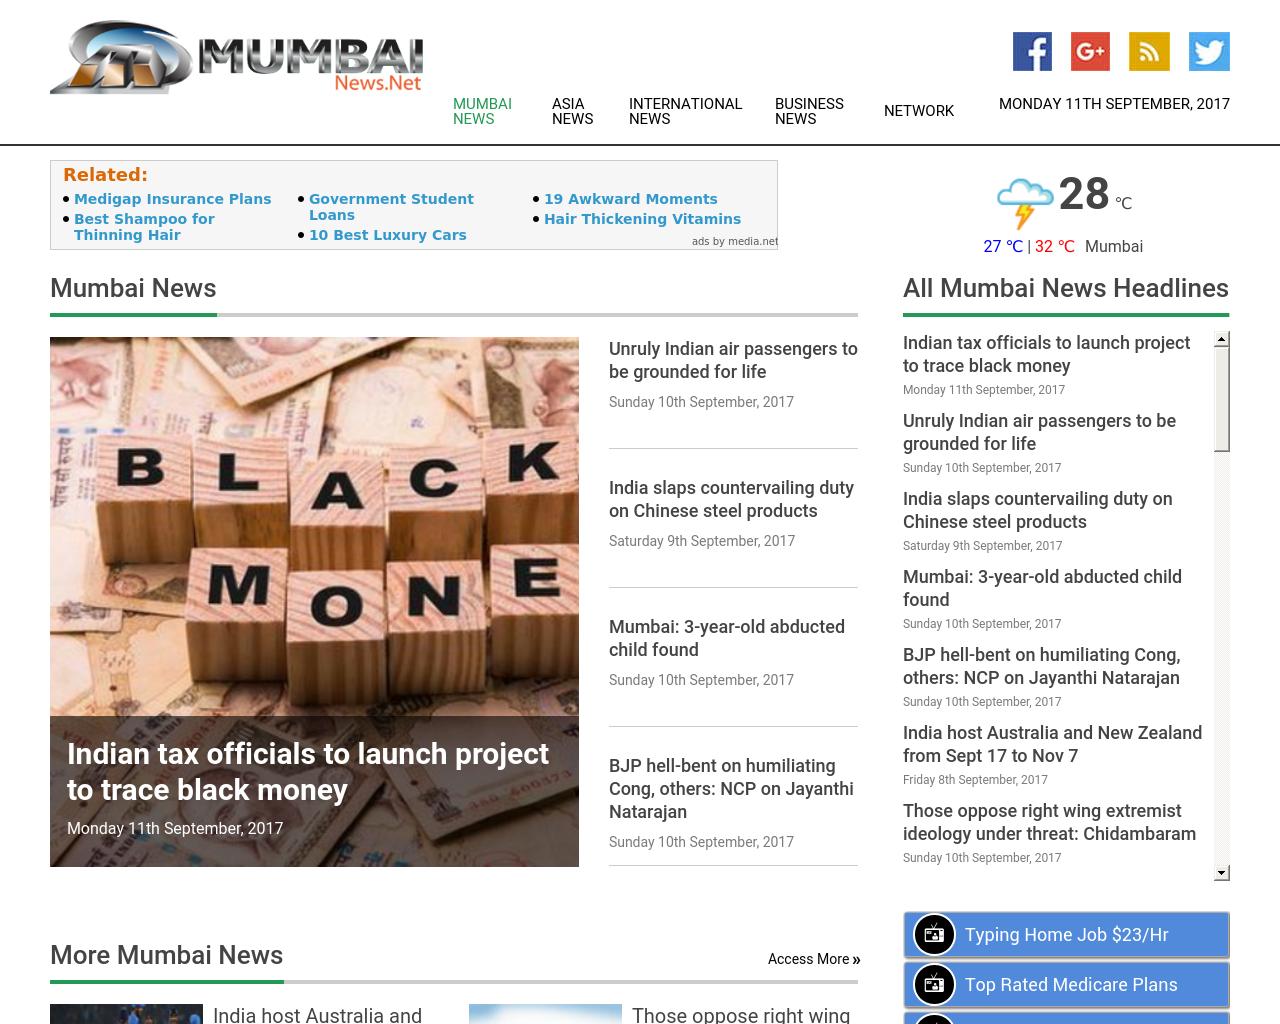 MumbaiNews.net-Advertising-Reviews-Pricing